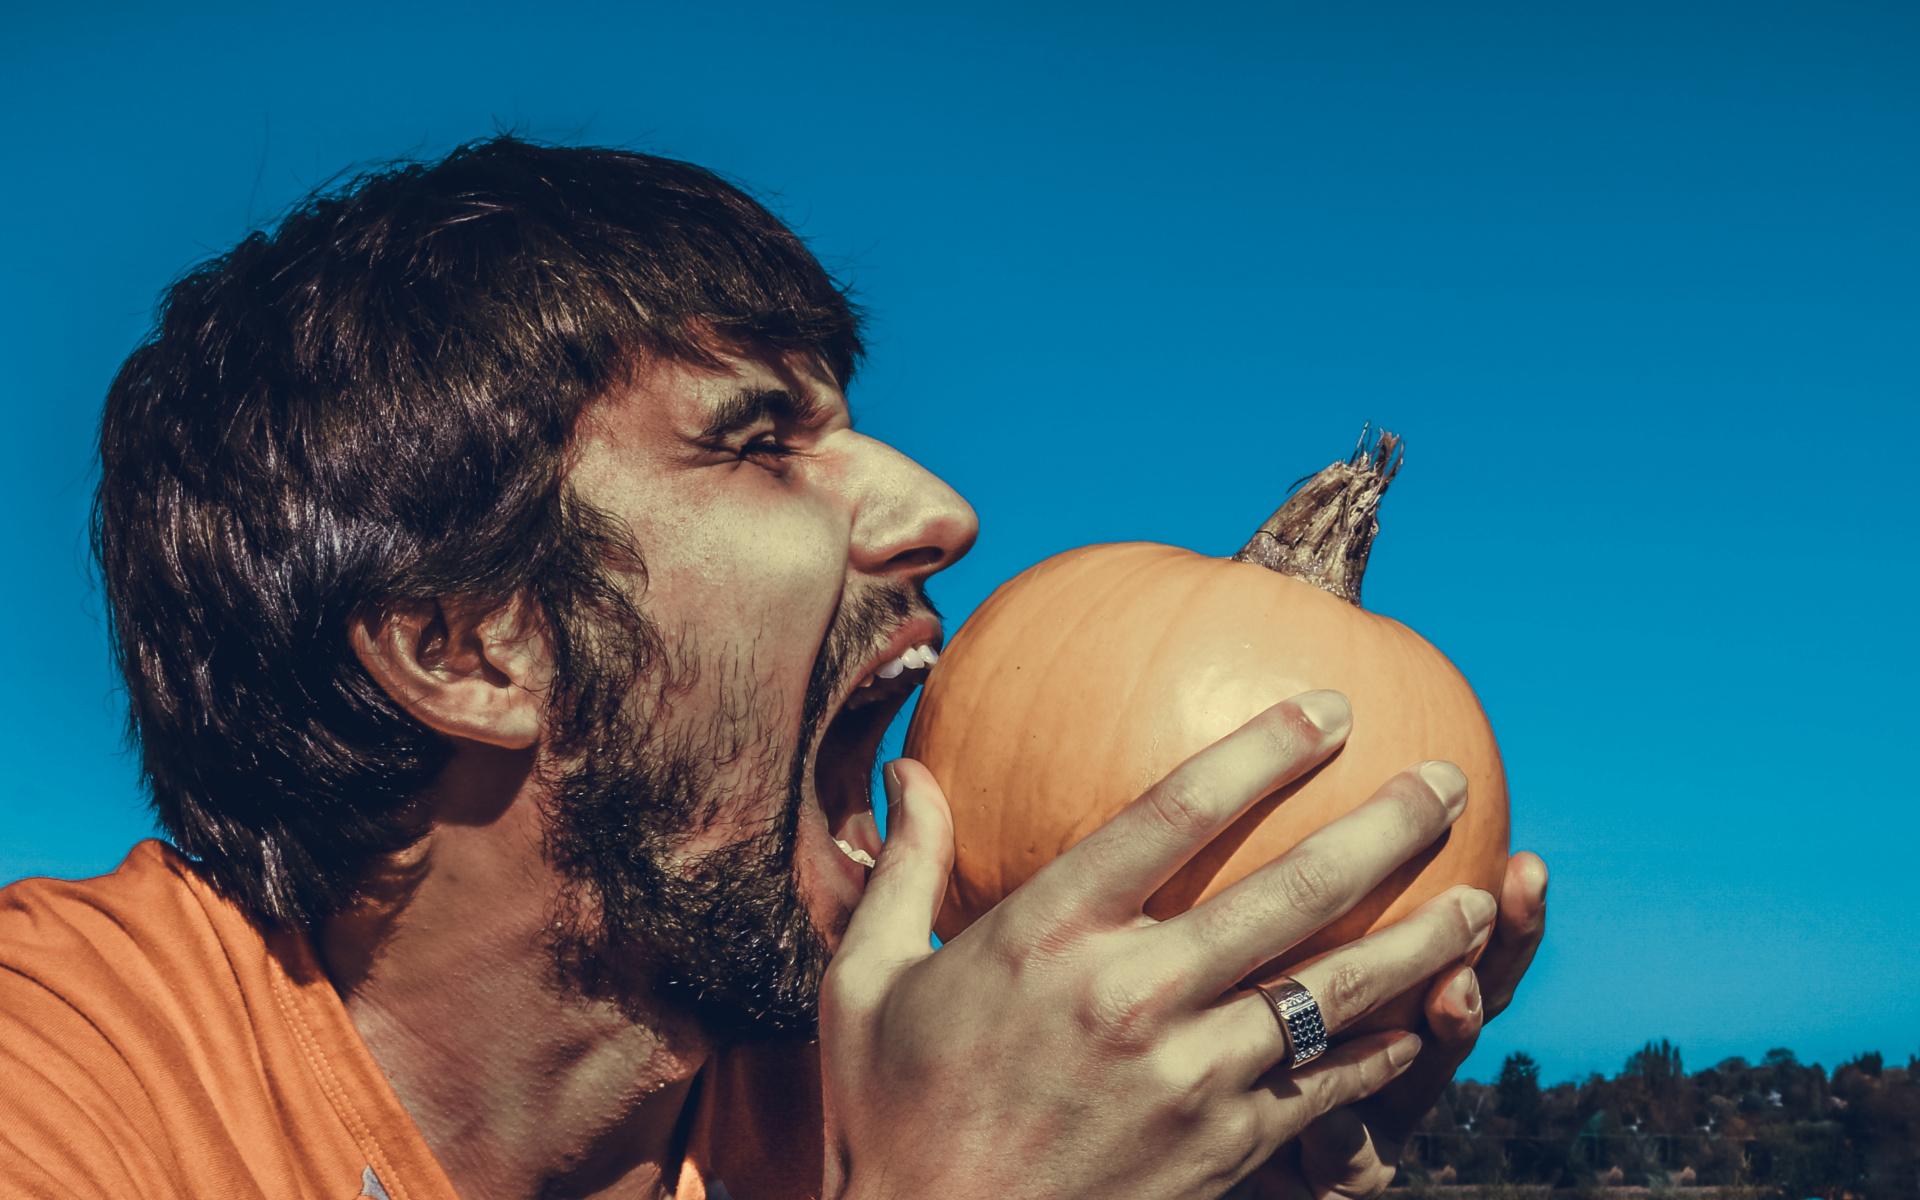 Ist der Mensch Fleischfresser, Allesfresser oder Pflanzenfresser?